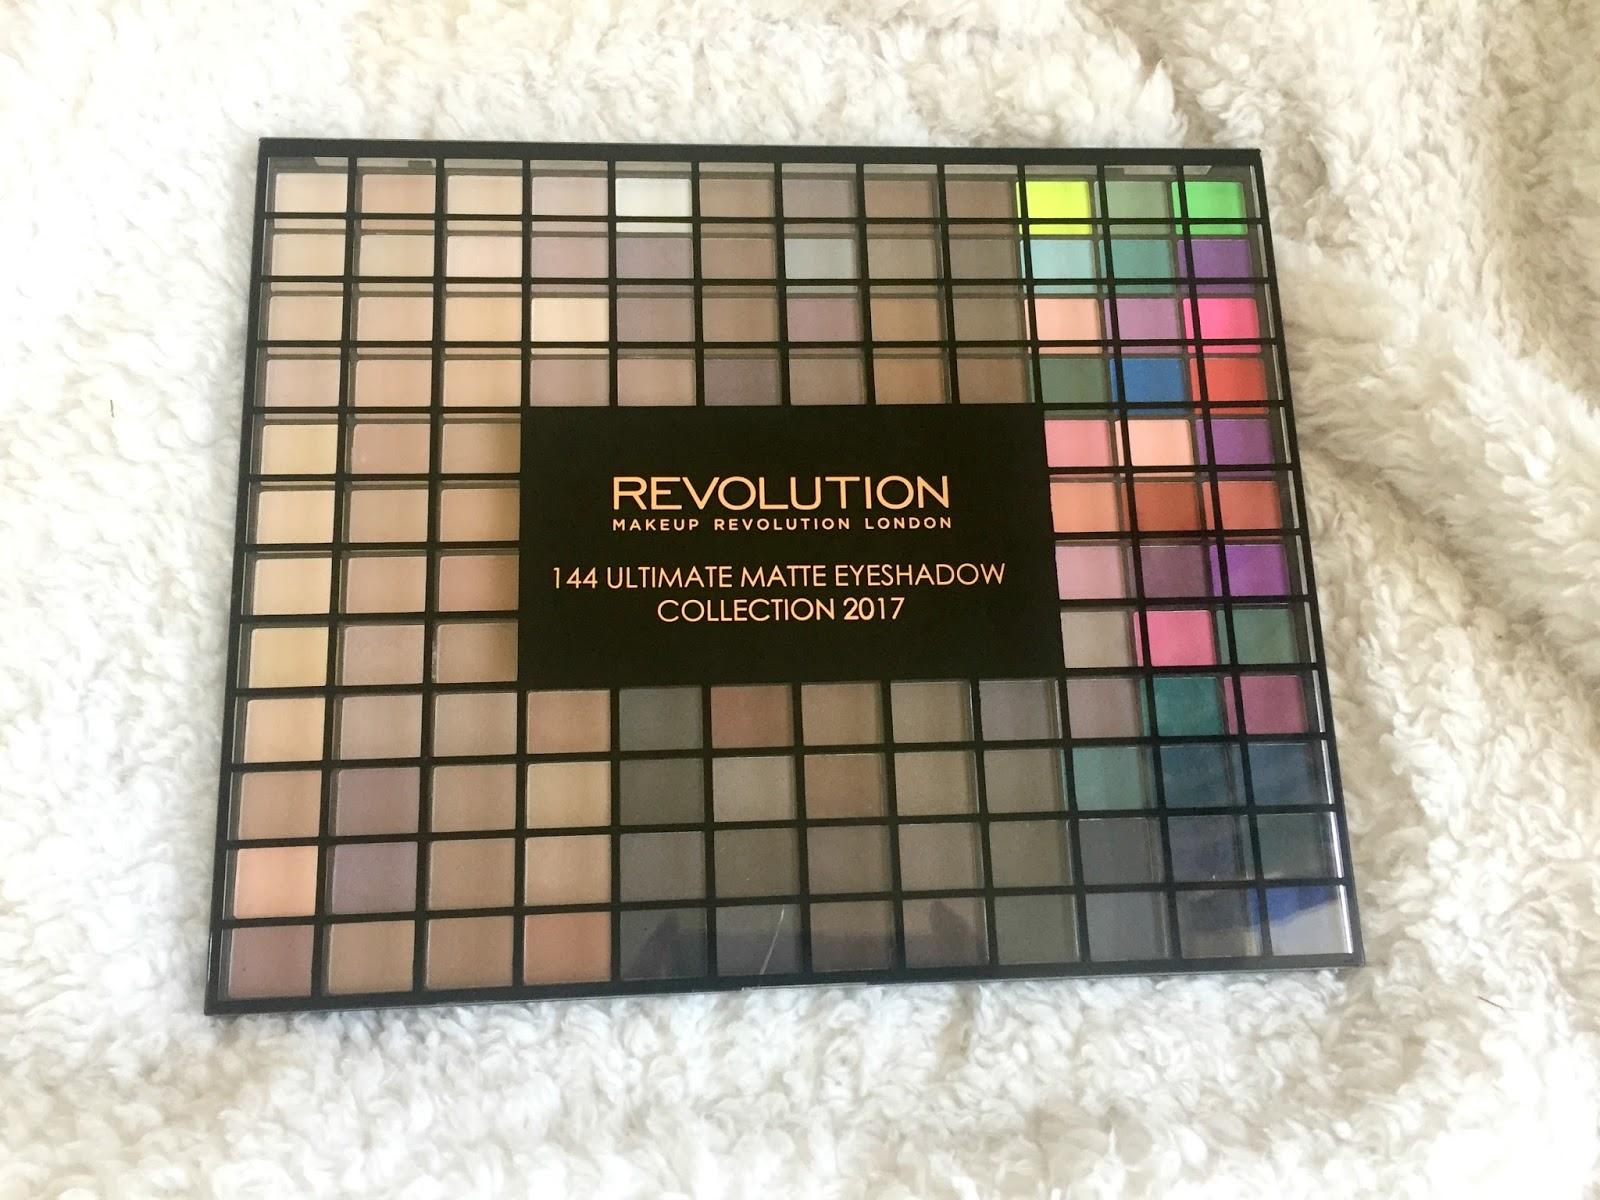 makeup revolution 144 ultimate matte eyeshadow palette. Black Bedroom Furniture Sets. Home Design Ideas